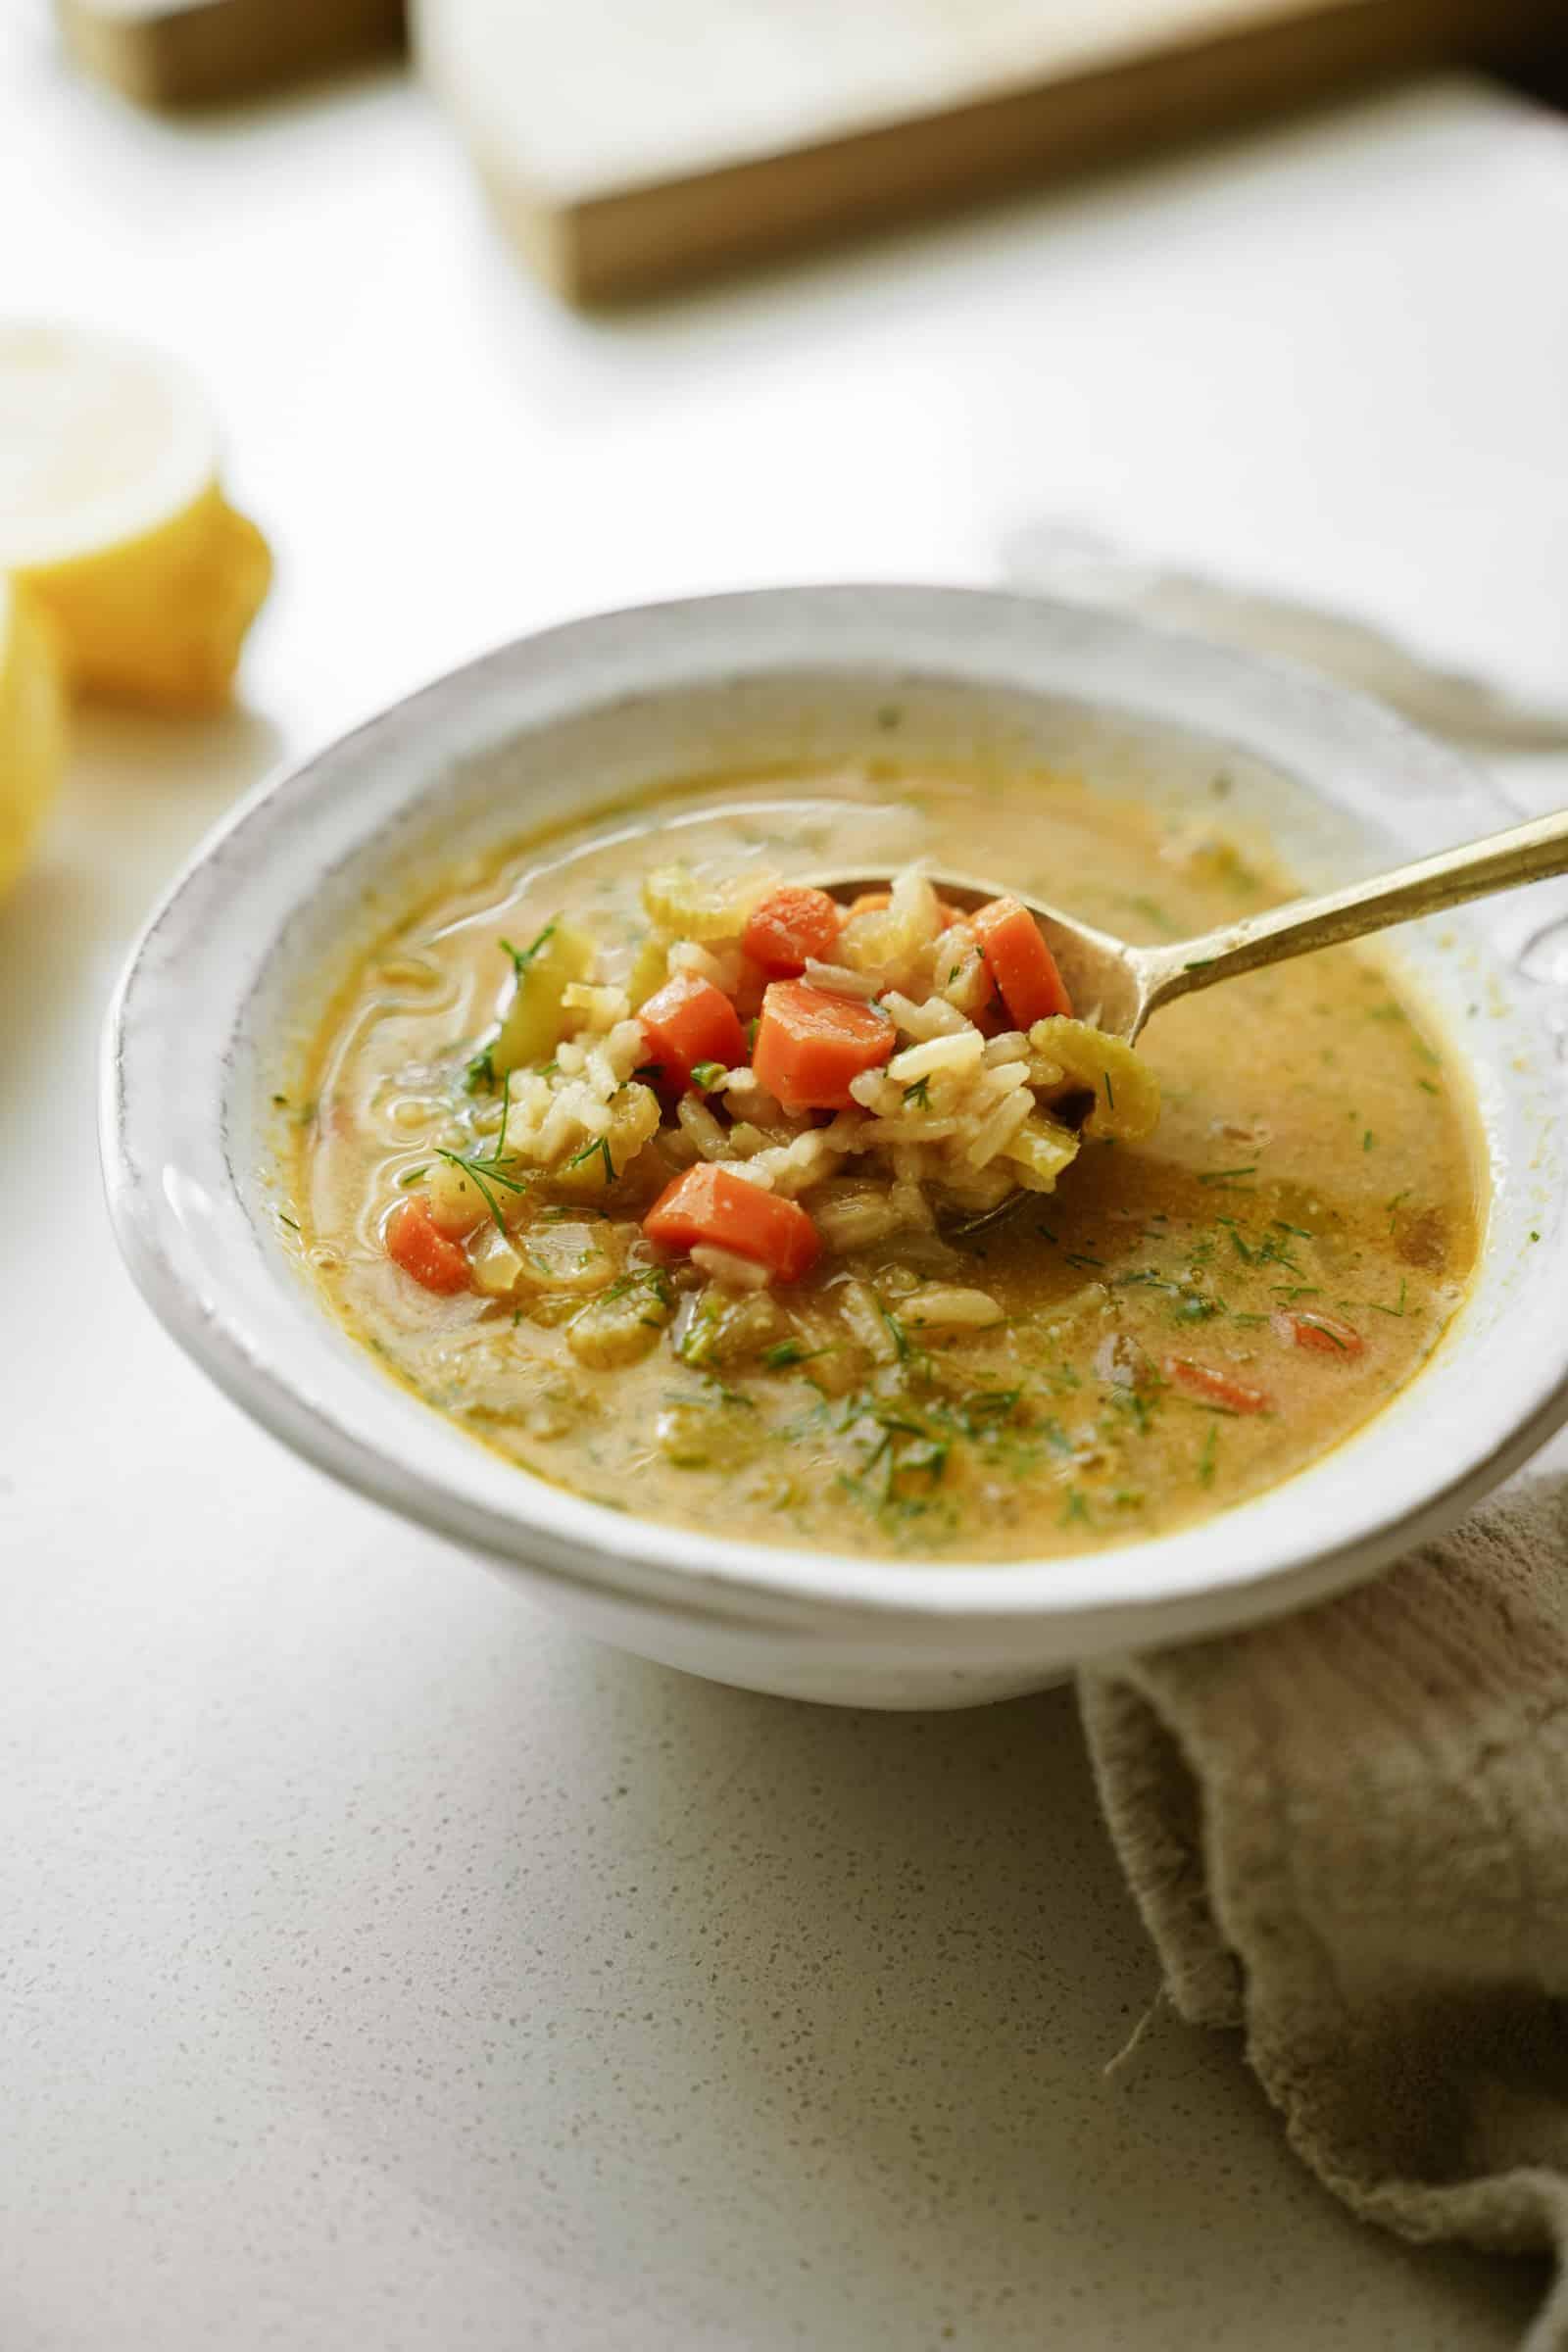 Bowl of lemon rice soup